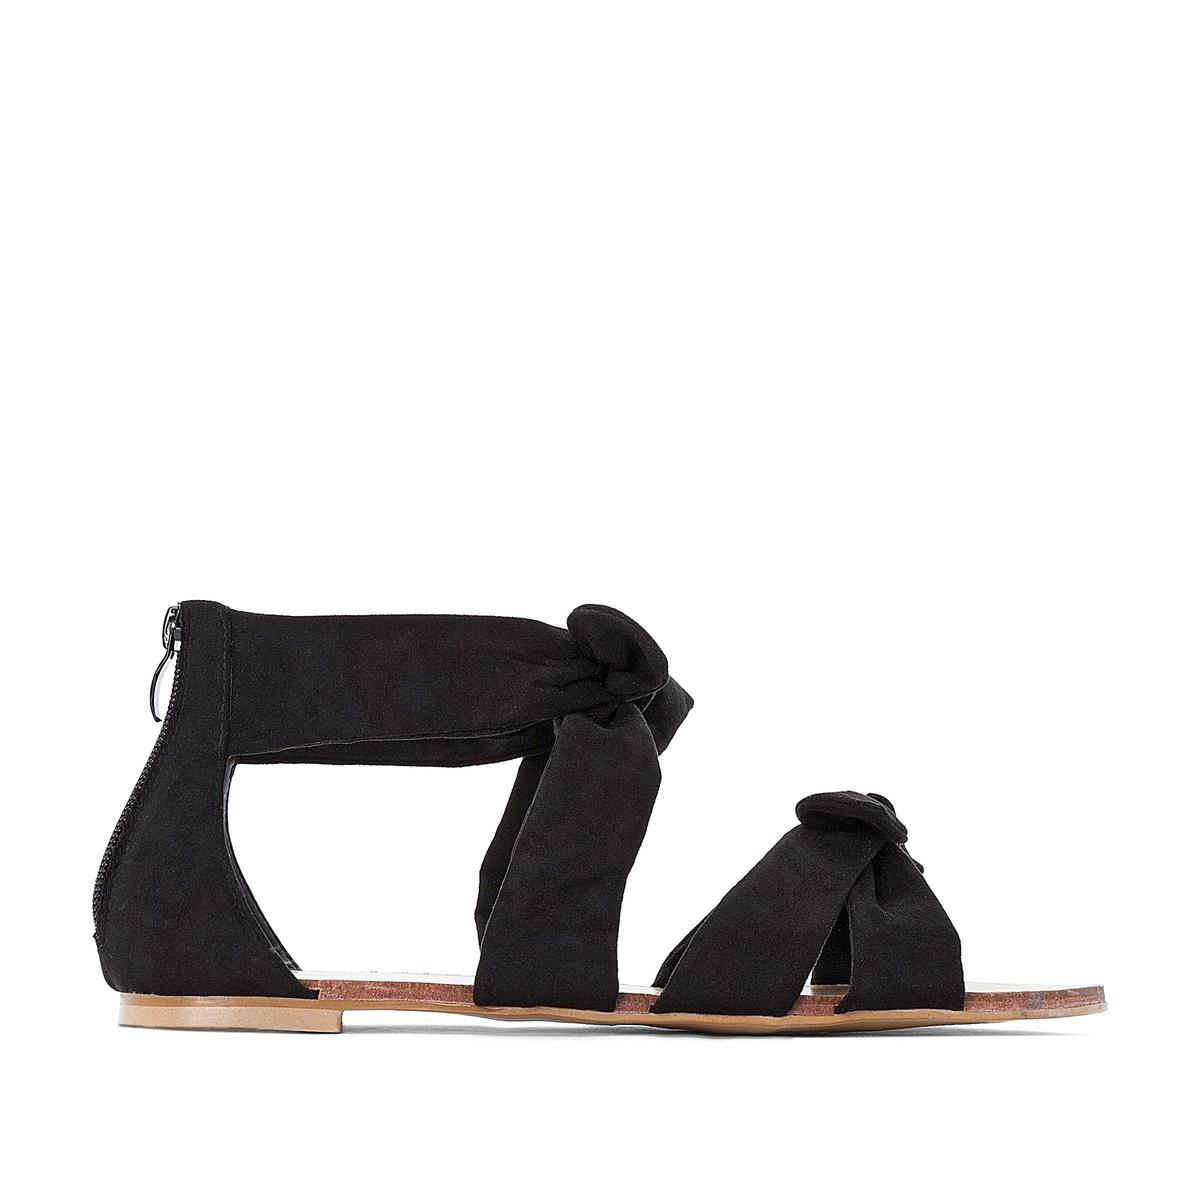 цена на Босоножки La Redoute На плоском каблуке для широкой стопы размеры - 38 черный